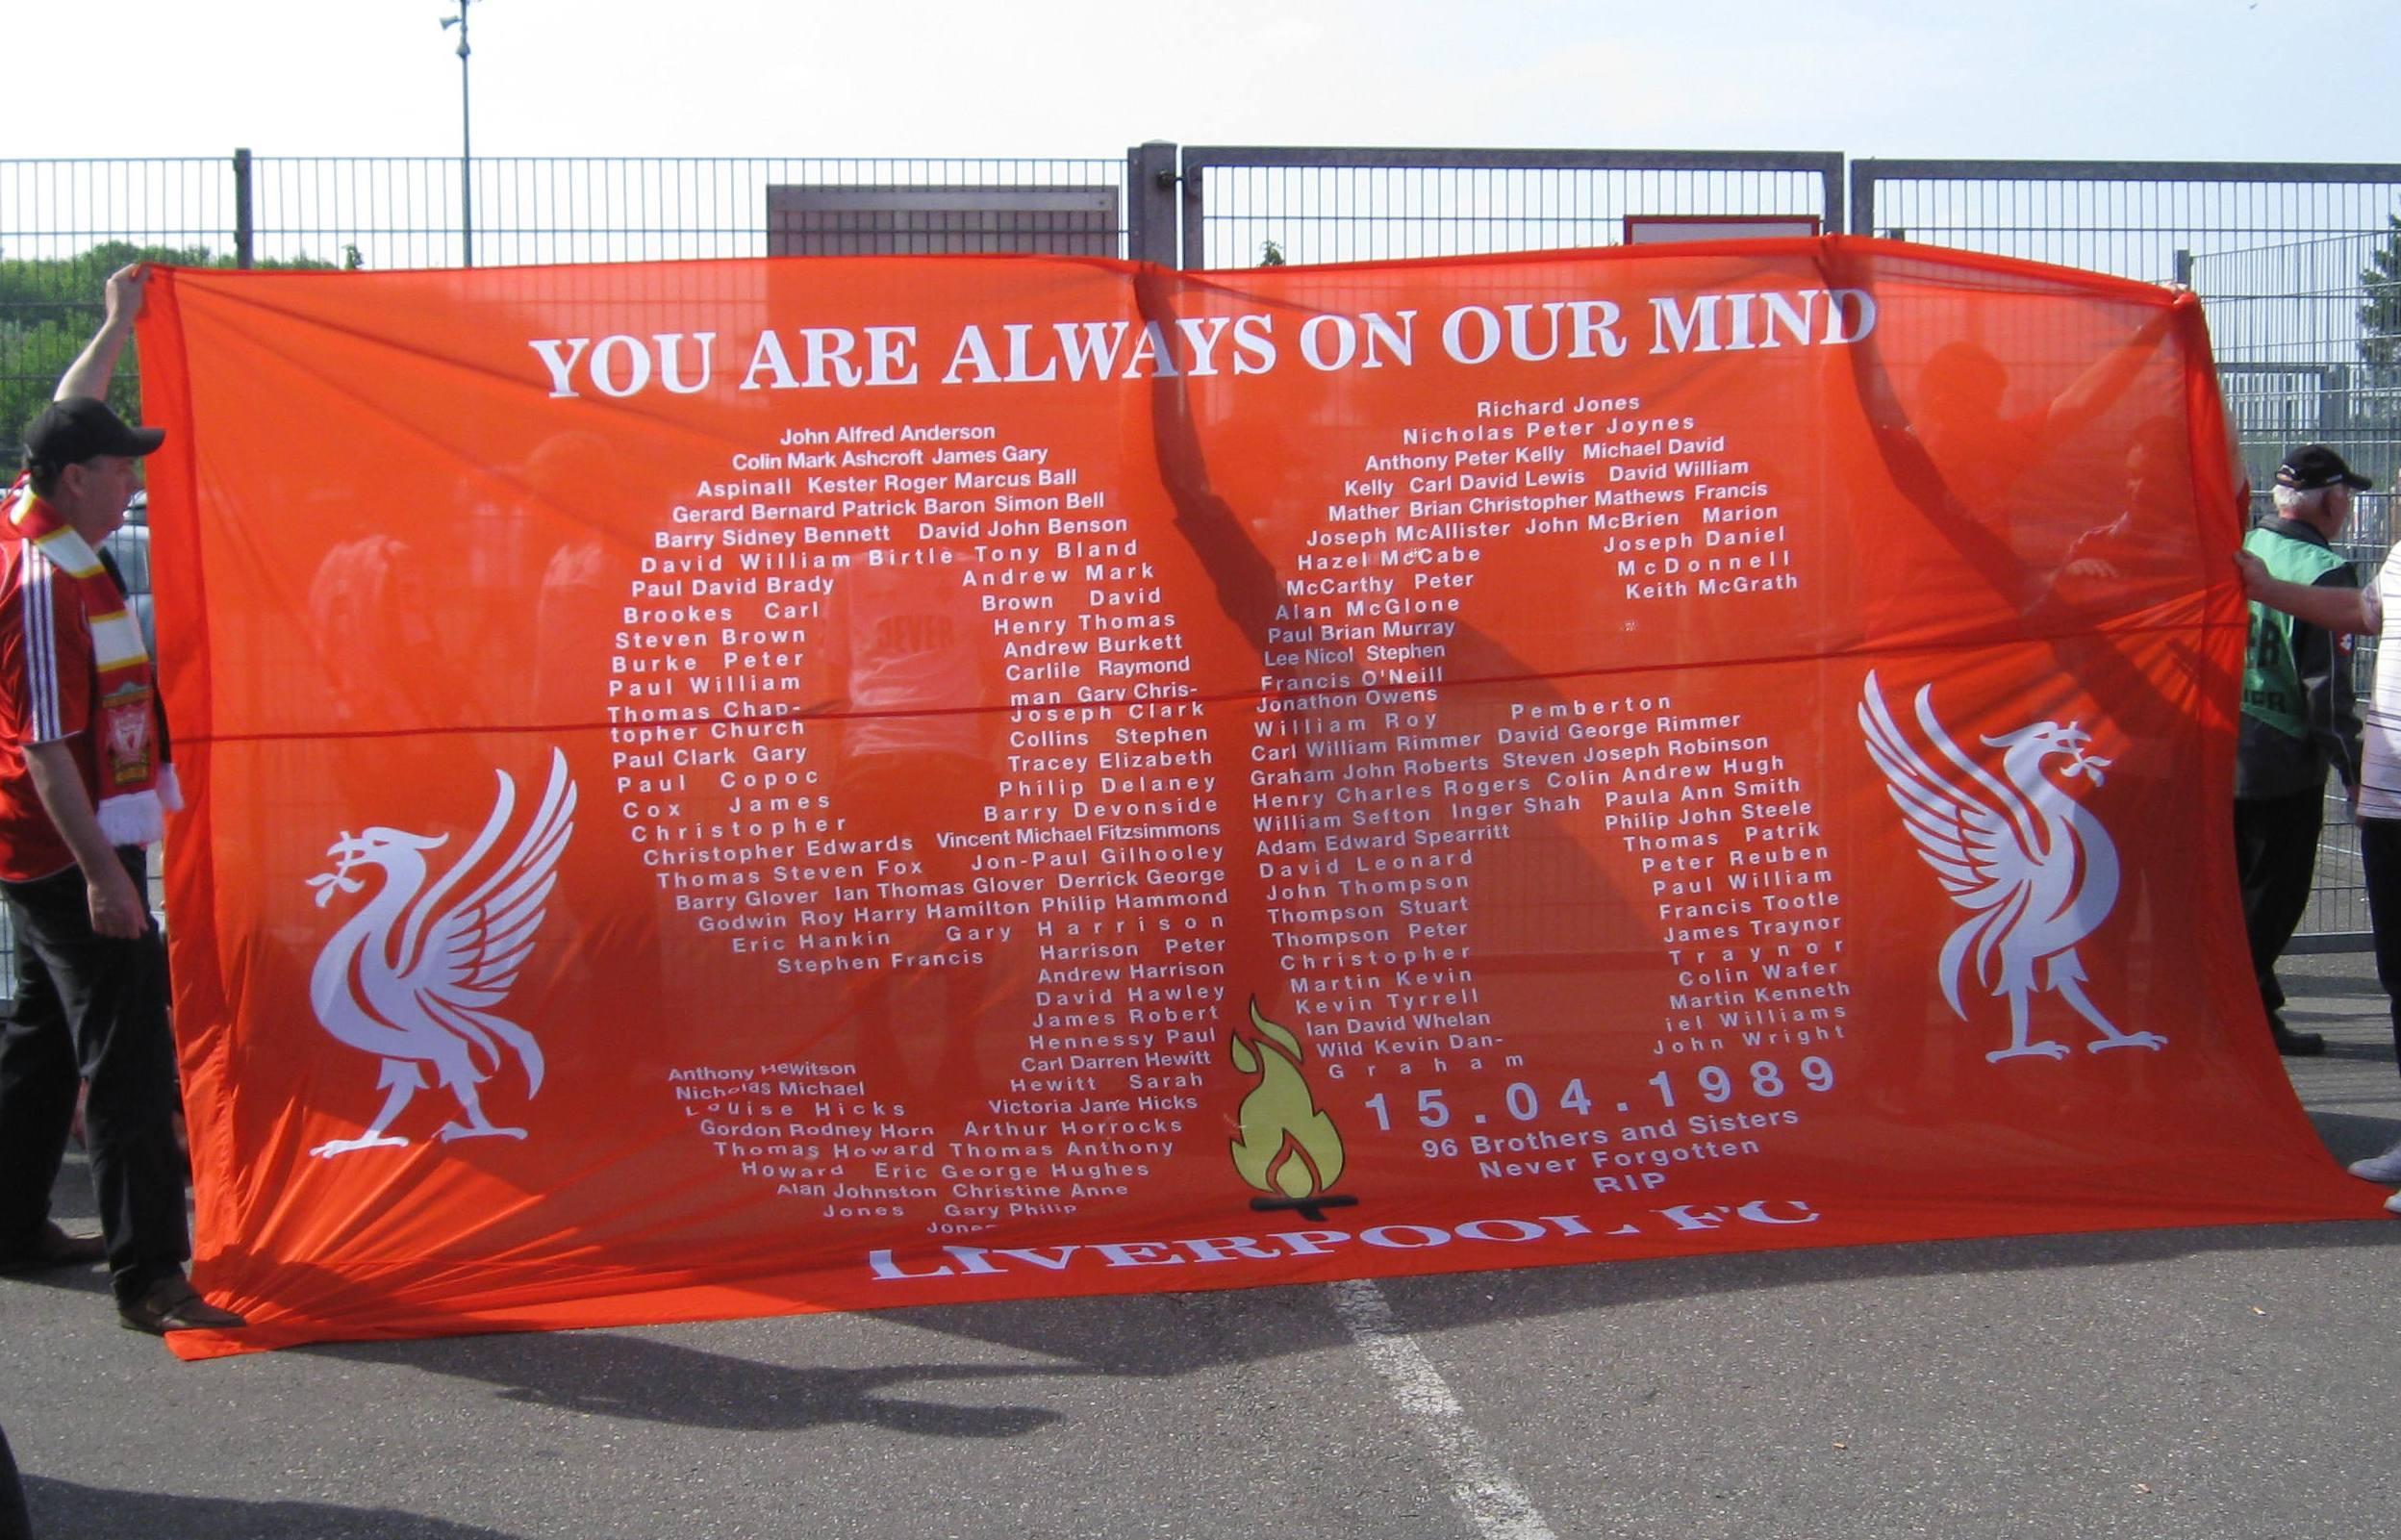 Hillsborough_anniversary.JPG